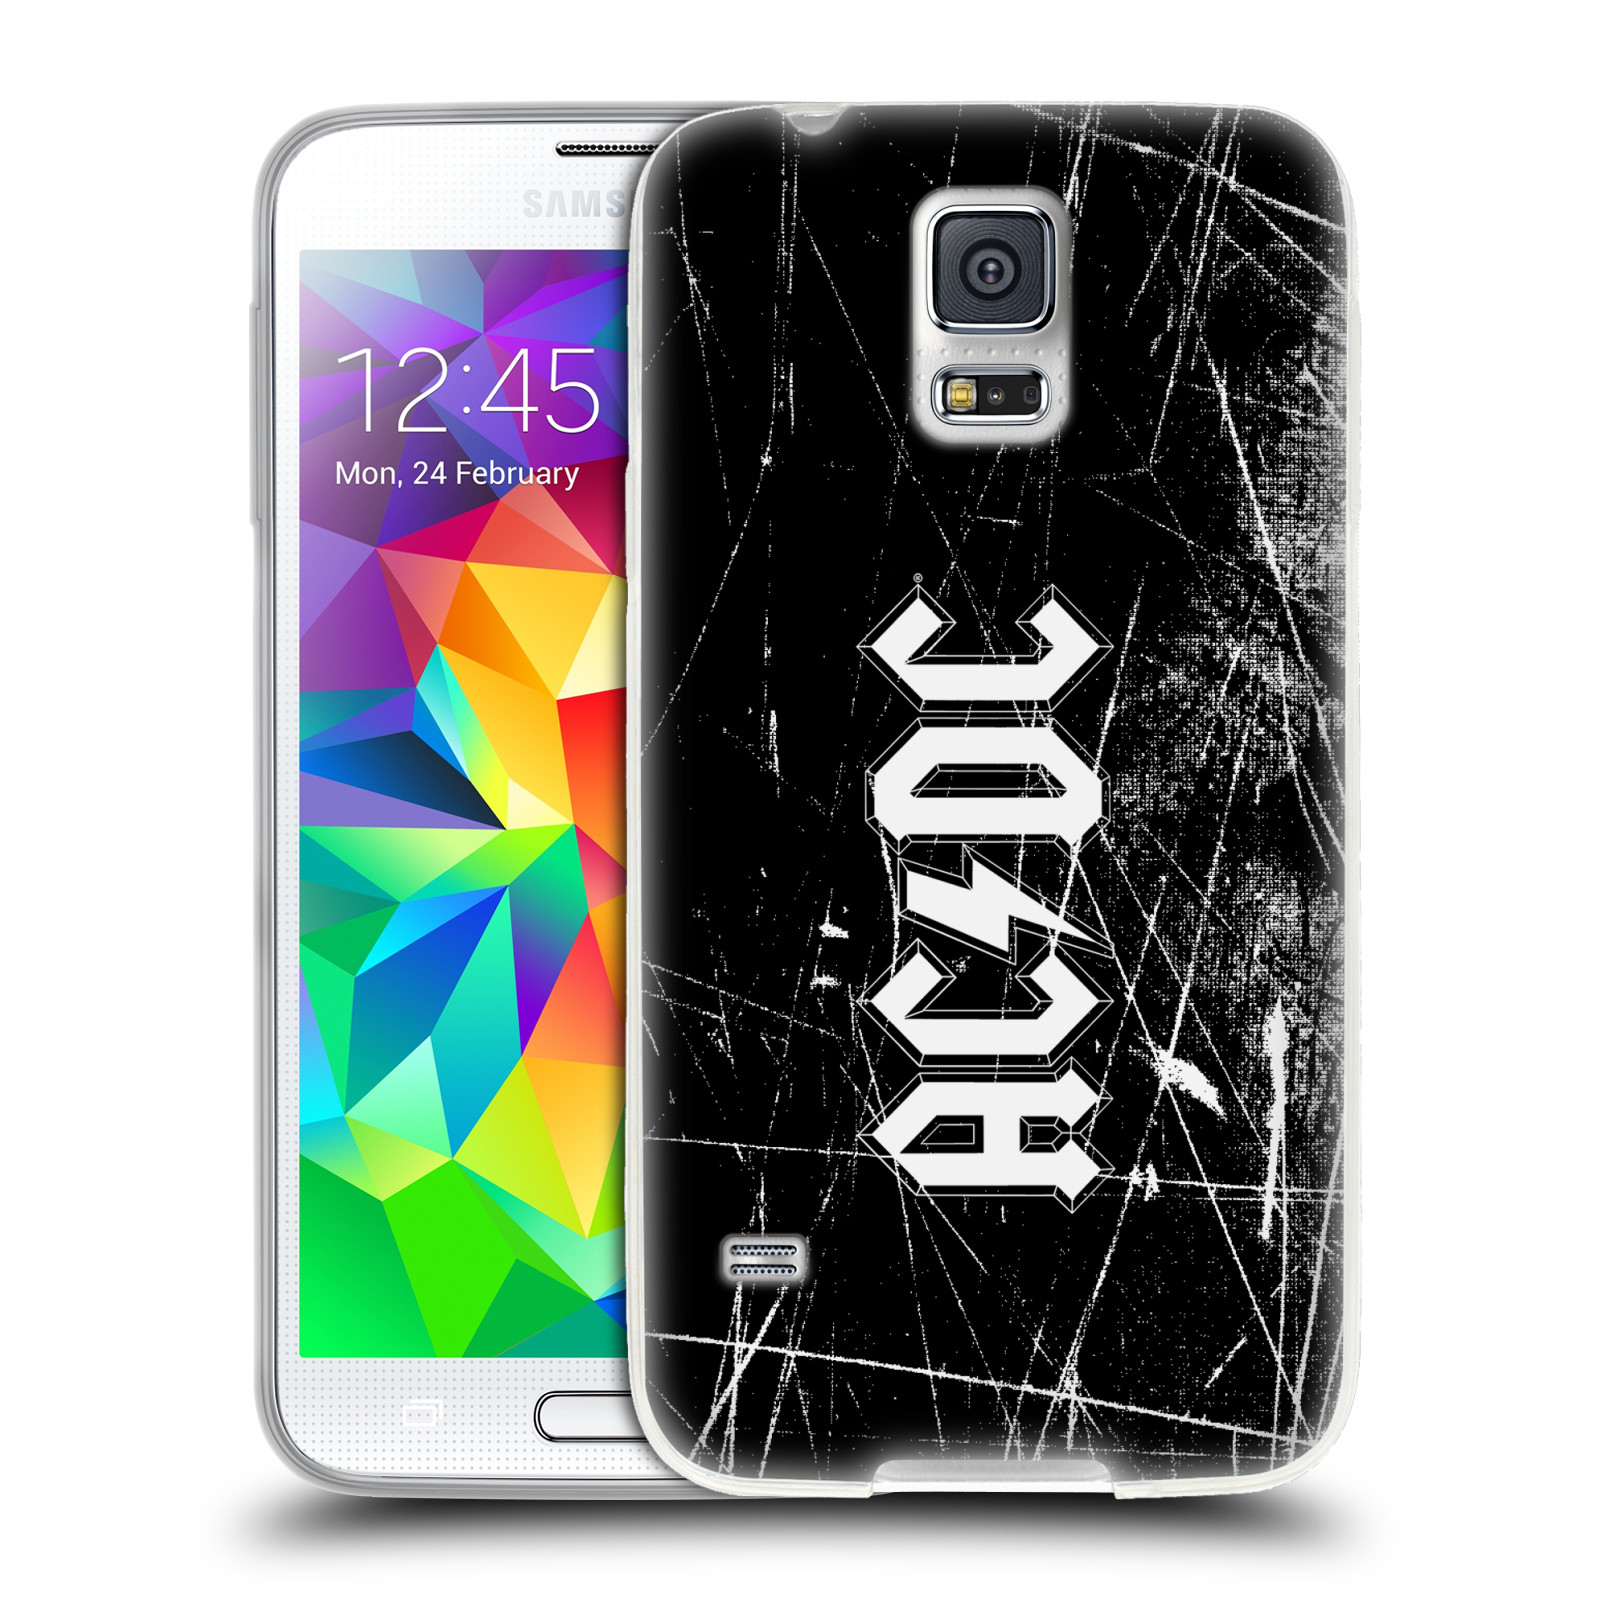 Silikonové pouzdro na mobil Samsung Galaxy S5 HEAD CASE AC/DC Černobílé logo